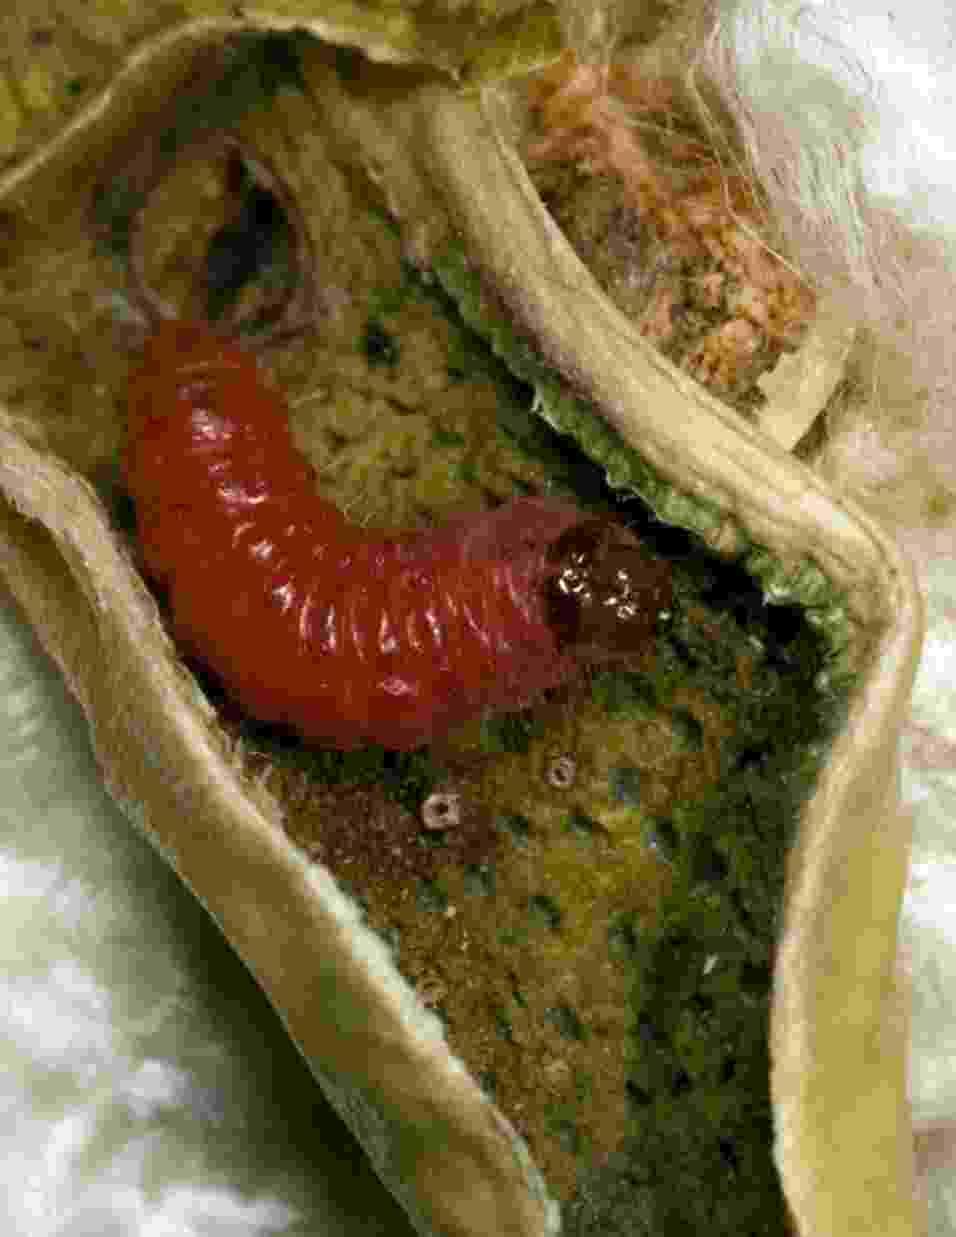 """13.jun.2013 - Cientistas franceses e norte-americanos descobriram que mais espécies de pragas estão ficando resistentes aos populares cultivos transgênicos Bt - plantas que carregam um gene que exala a bactéria """"Bacillus thuringiensis"""", que é tóxica para os insetos. Das 13 principais espécies examinadas, cinco pragas eram resistentes em 2011 - em 2005, havia apenas uma -, sendo três de algodão e duas de milho. A  lagarta rosada (""""Pectinophora gossypiella"""") é uma delas: a praga tornou-se resistente aos cultivos de algodão Bt em apenas seis anos na Índia - Alex Yelich/The University of Arizona"""